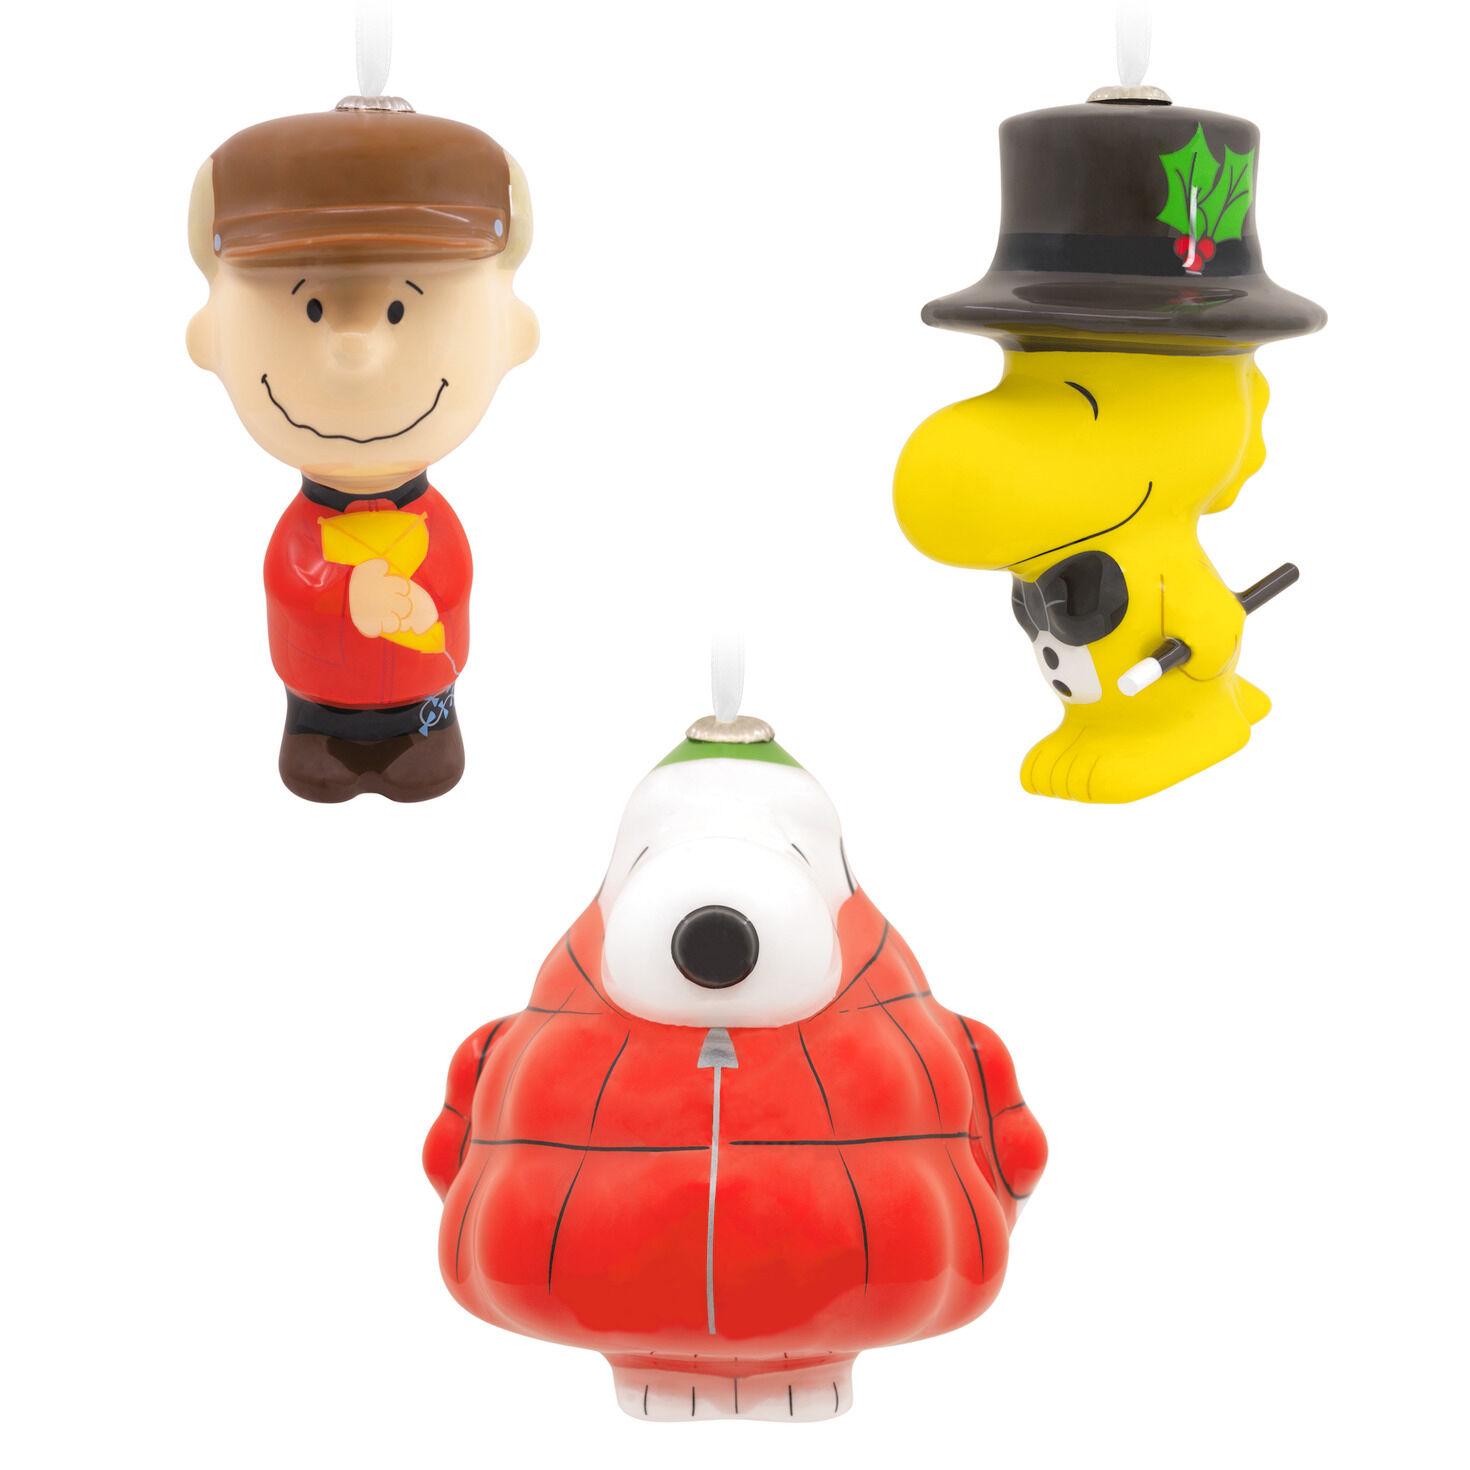 Snoopy Christmas Figurine Peanuts Decoration Ornament Hallmark Linus Blanket